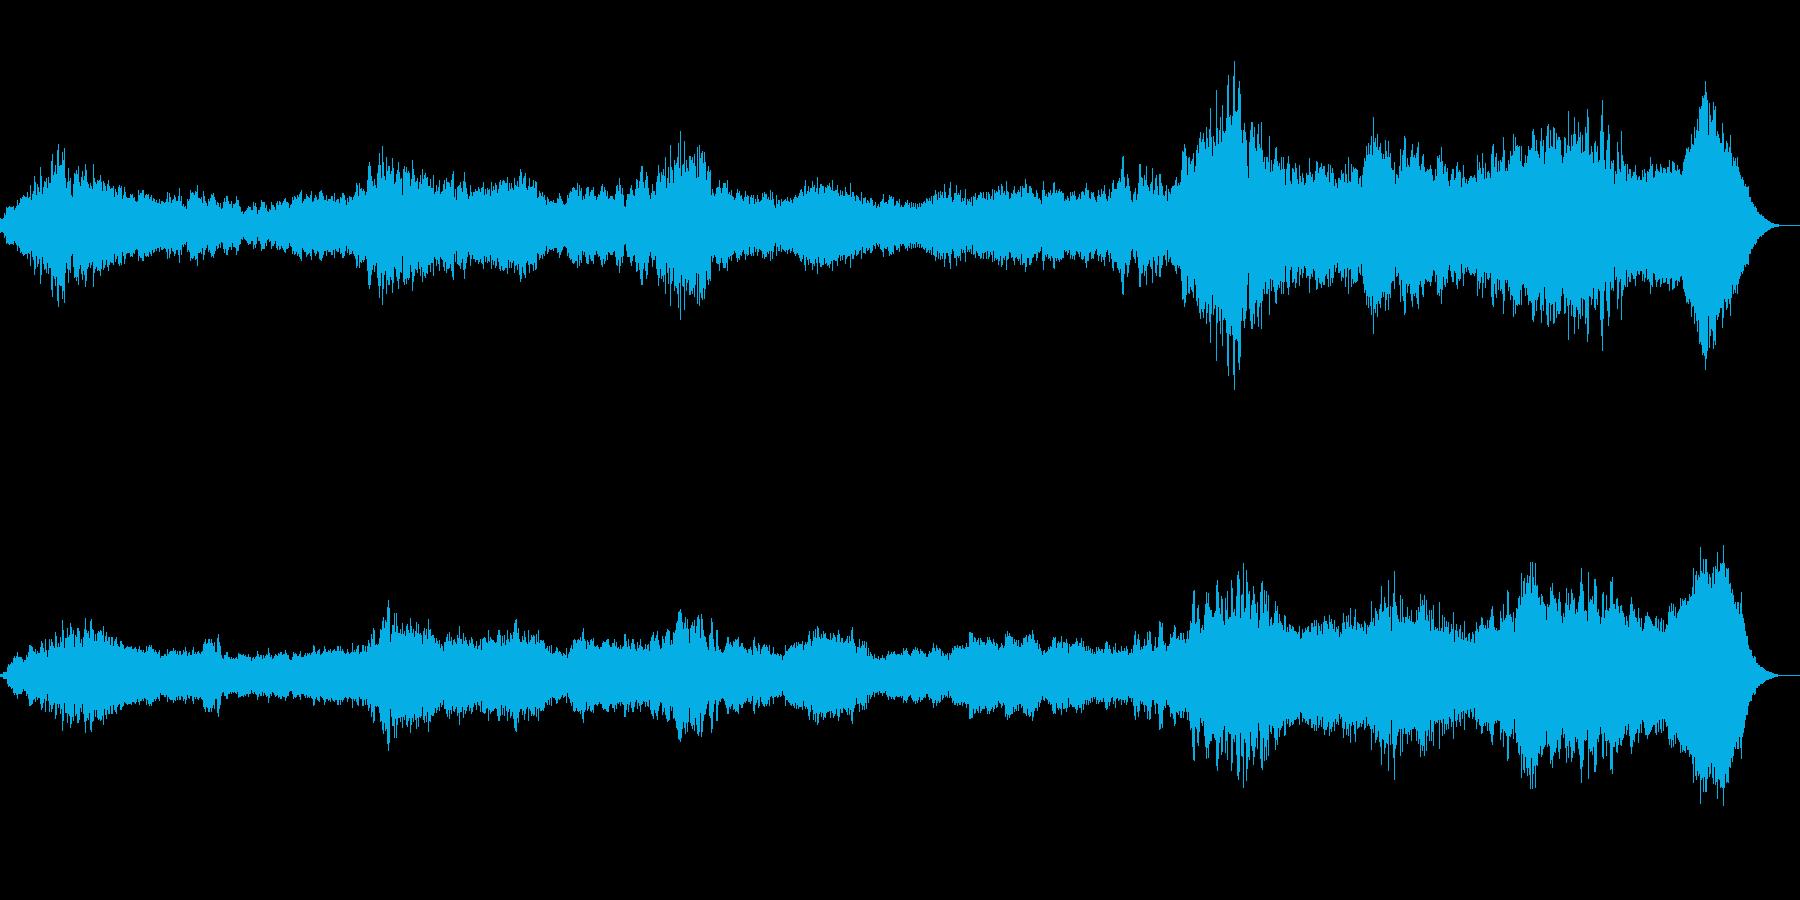 暗闇で聞こえる不気味な風音、環境音の再生済みの波形